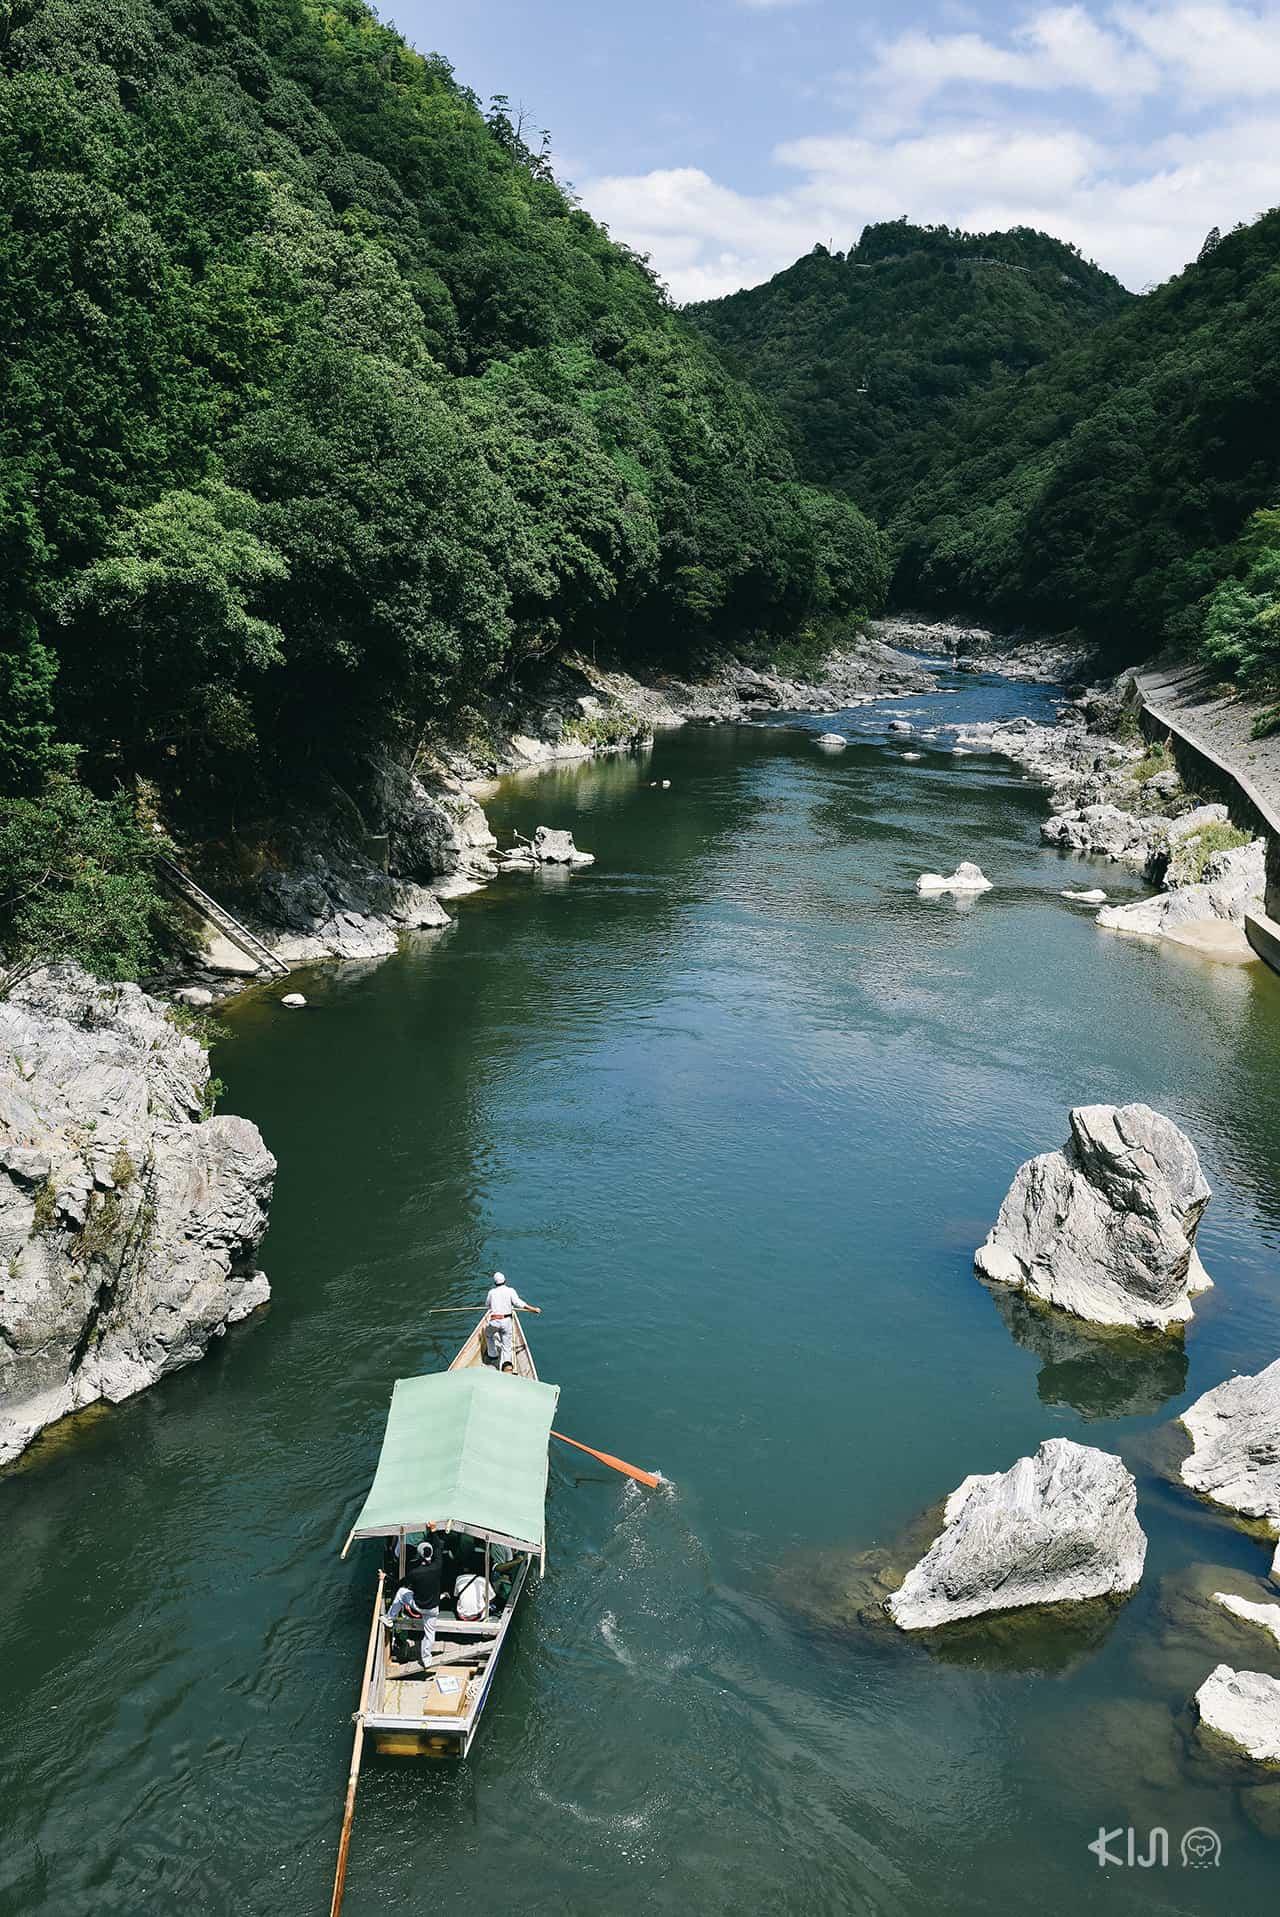 วิวจากสะพานข้ามแม่น้ำตรงสถานี Hozukyo Torokko Station ในย่านอาราชิยาม่า (Arashiyama)